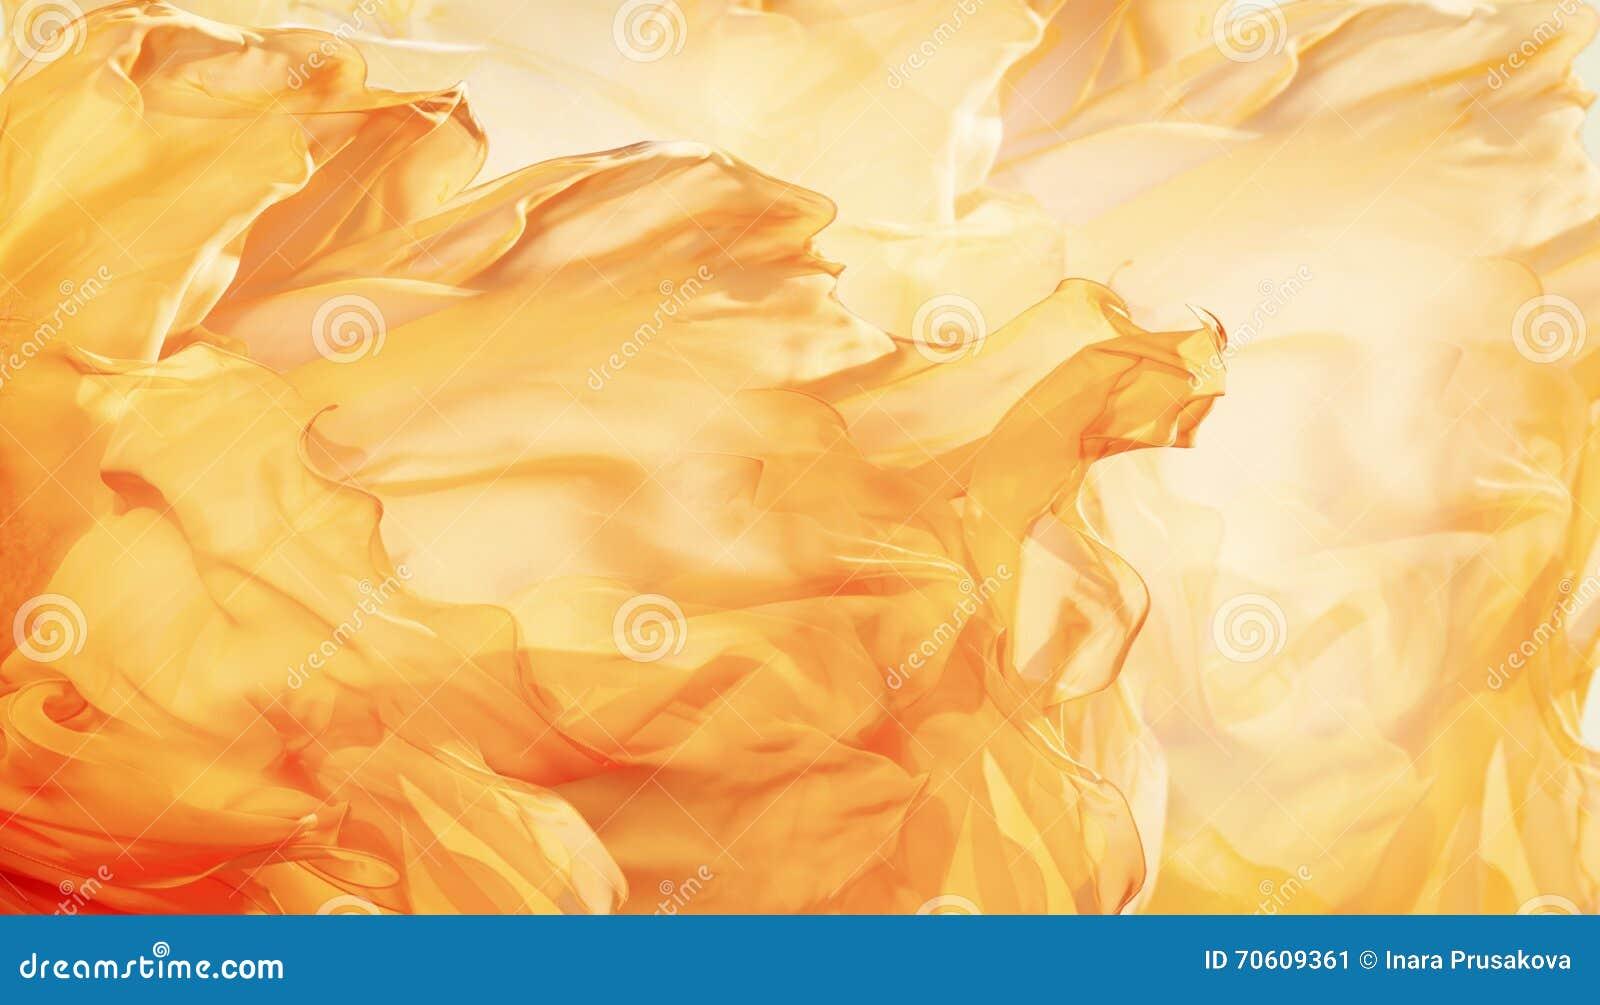 Abstrakter Gewebe-Flammen-Hintergrund, künstlerischer wellenartig bewegender Stoff Fractal